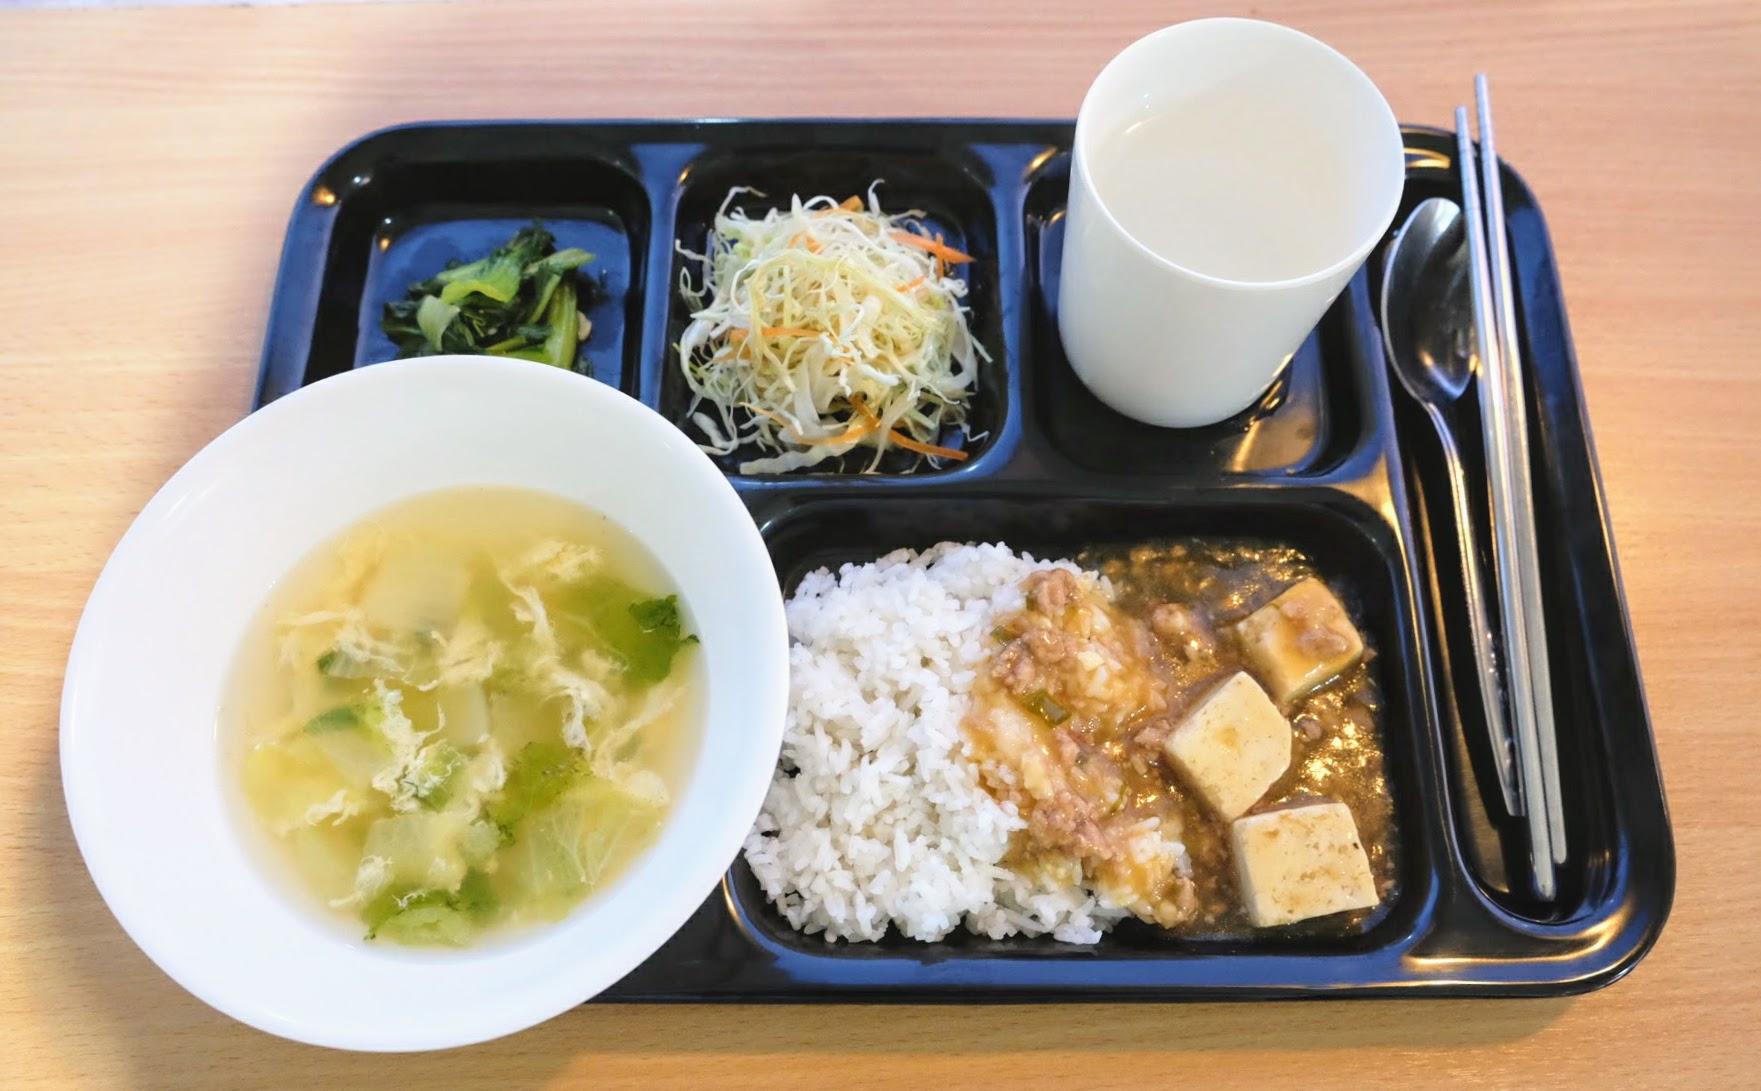 School meal21